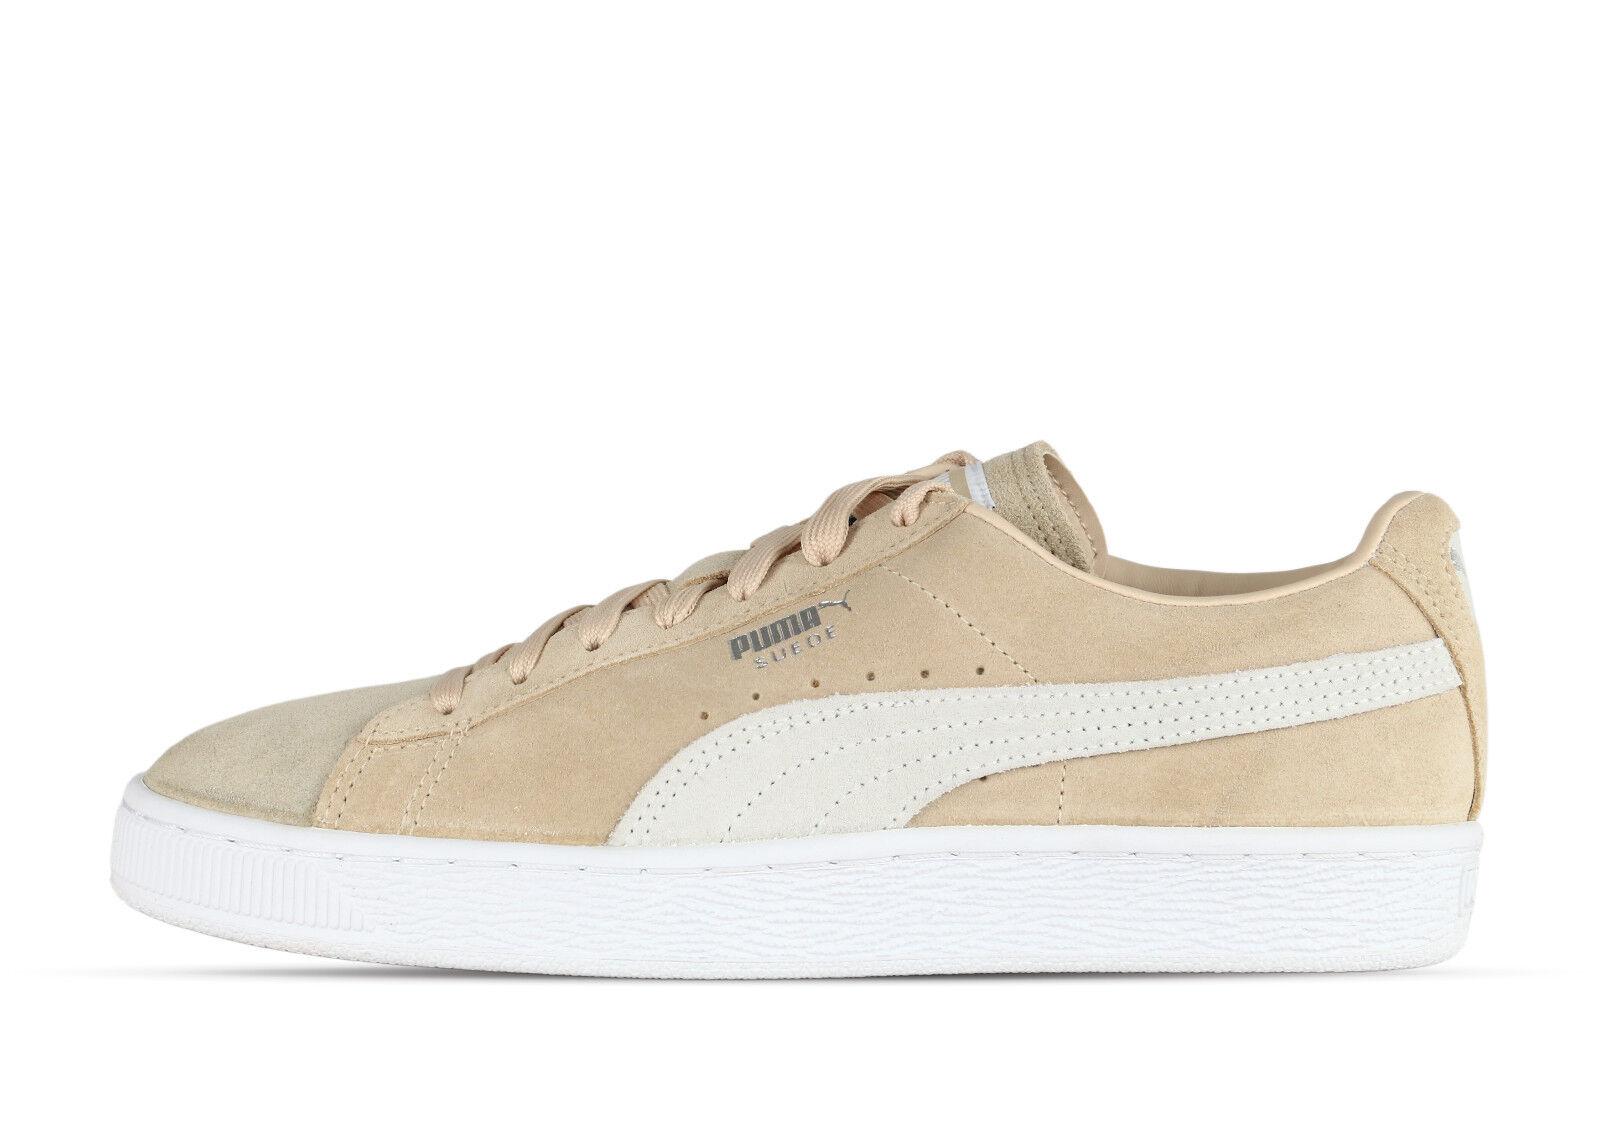 Puma Suede Classic+ Natural Vachetta 363242 08 - Sneaker - femmes - beige +Neu+